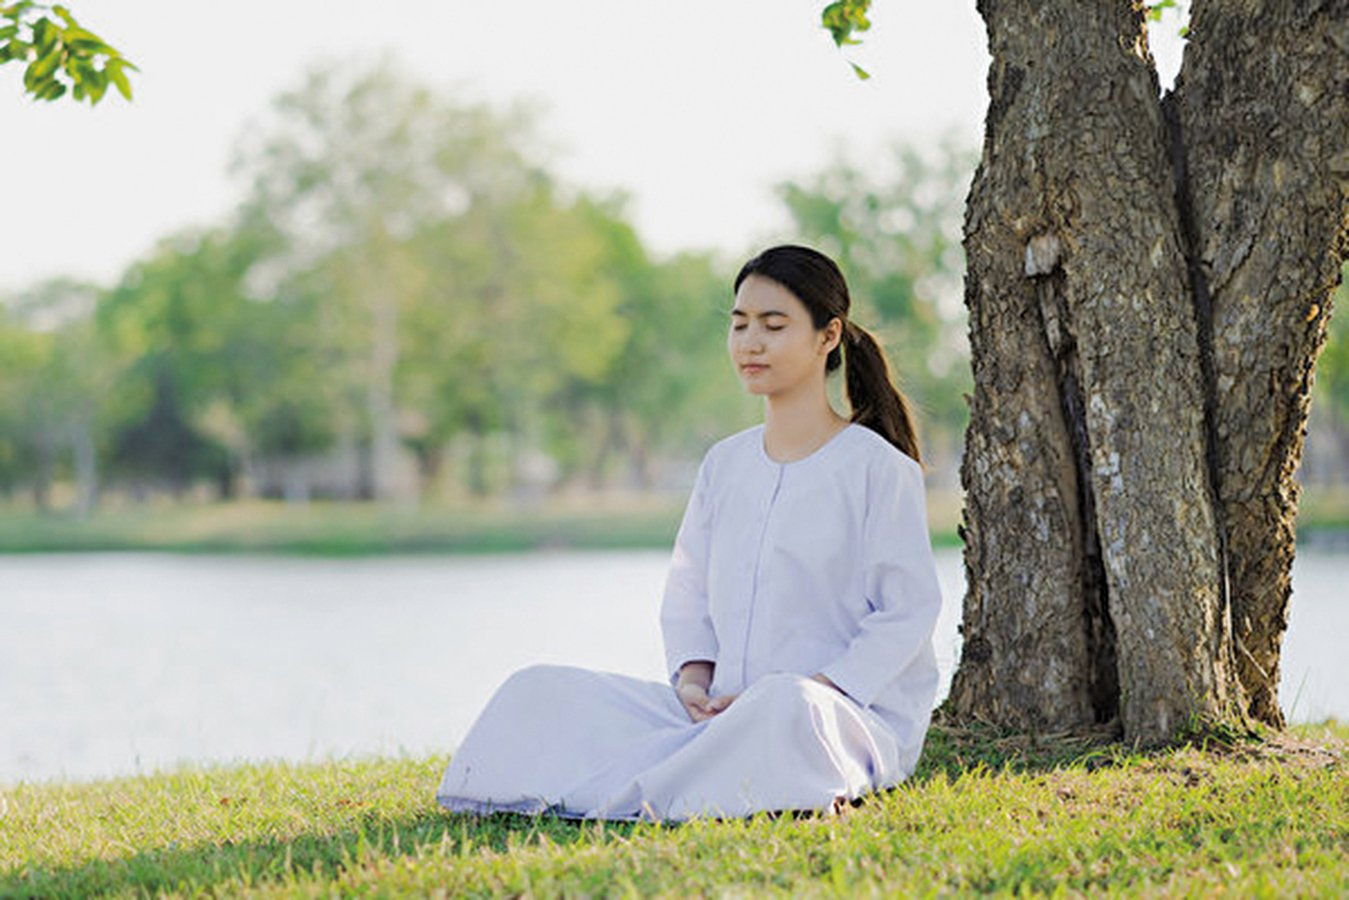 研究人員發現,除了專注力,使用MediTrain軟件程式的參與者在記憶力提高方面也表現出強的相關性。(Shutterstock)